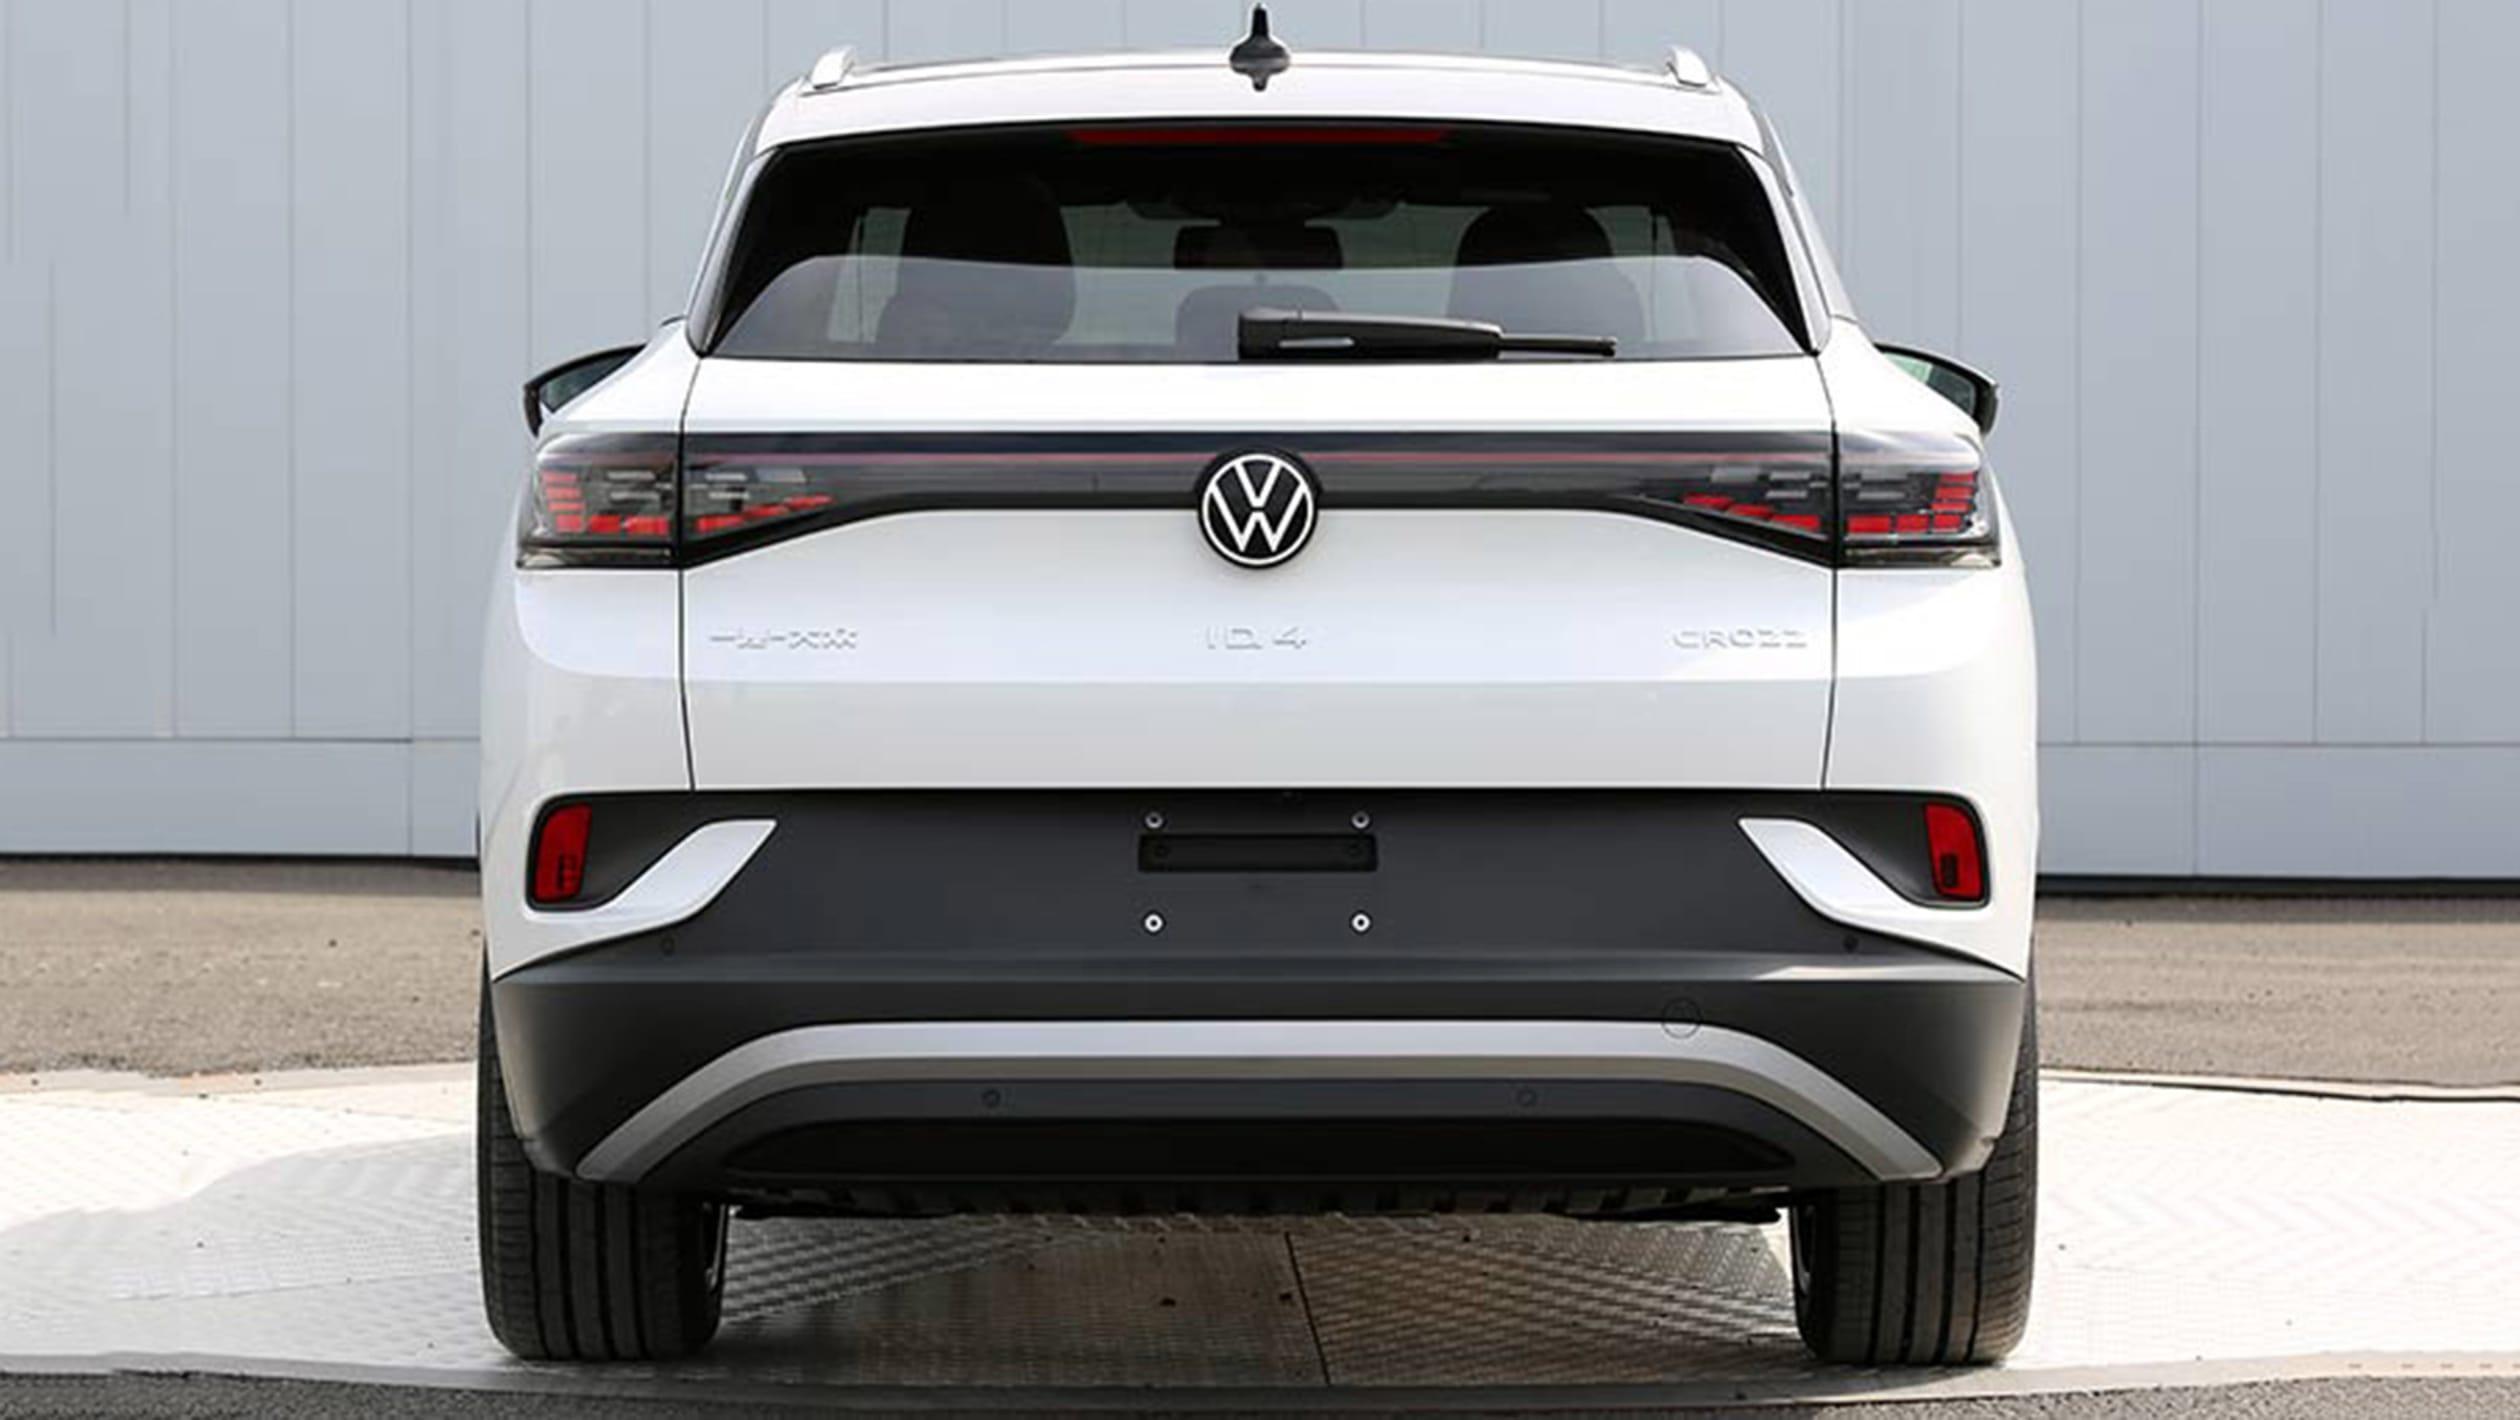 Volkswagen ID 4 lekkasje 3 - ID.4 får firehjulsdrift